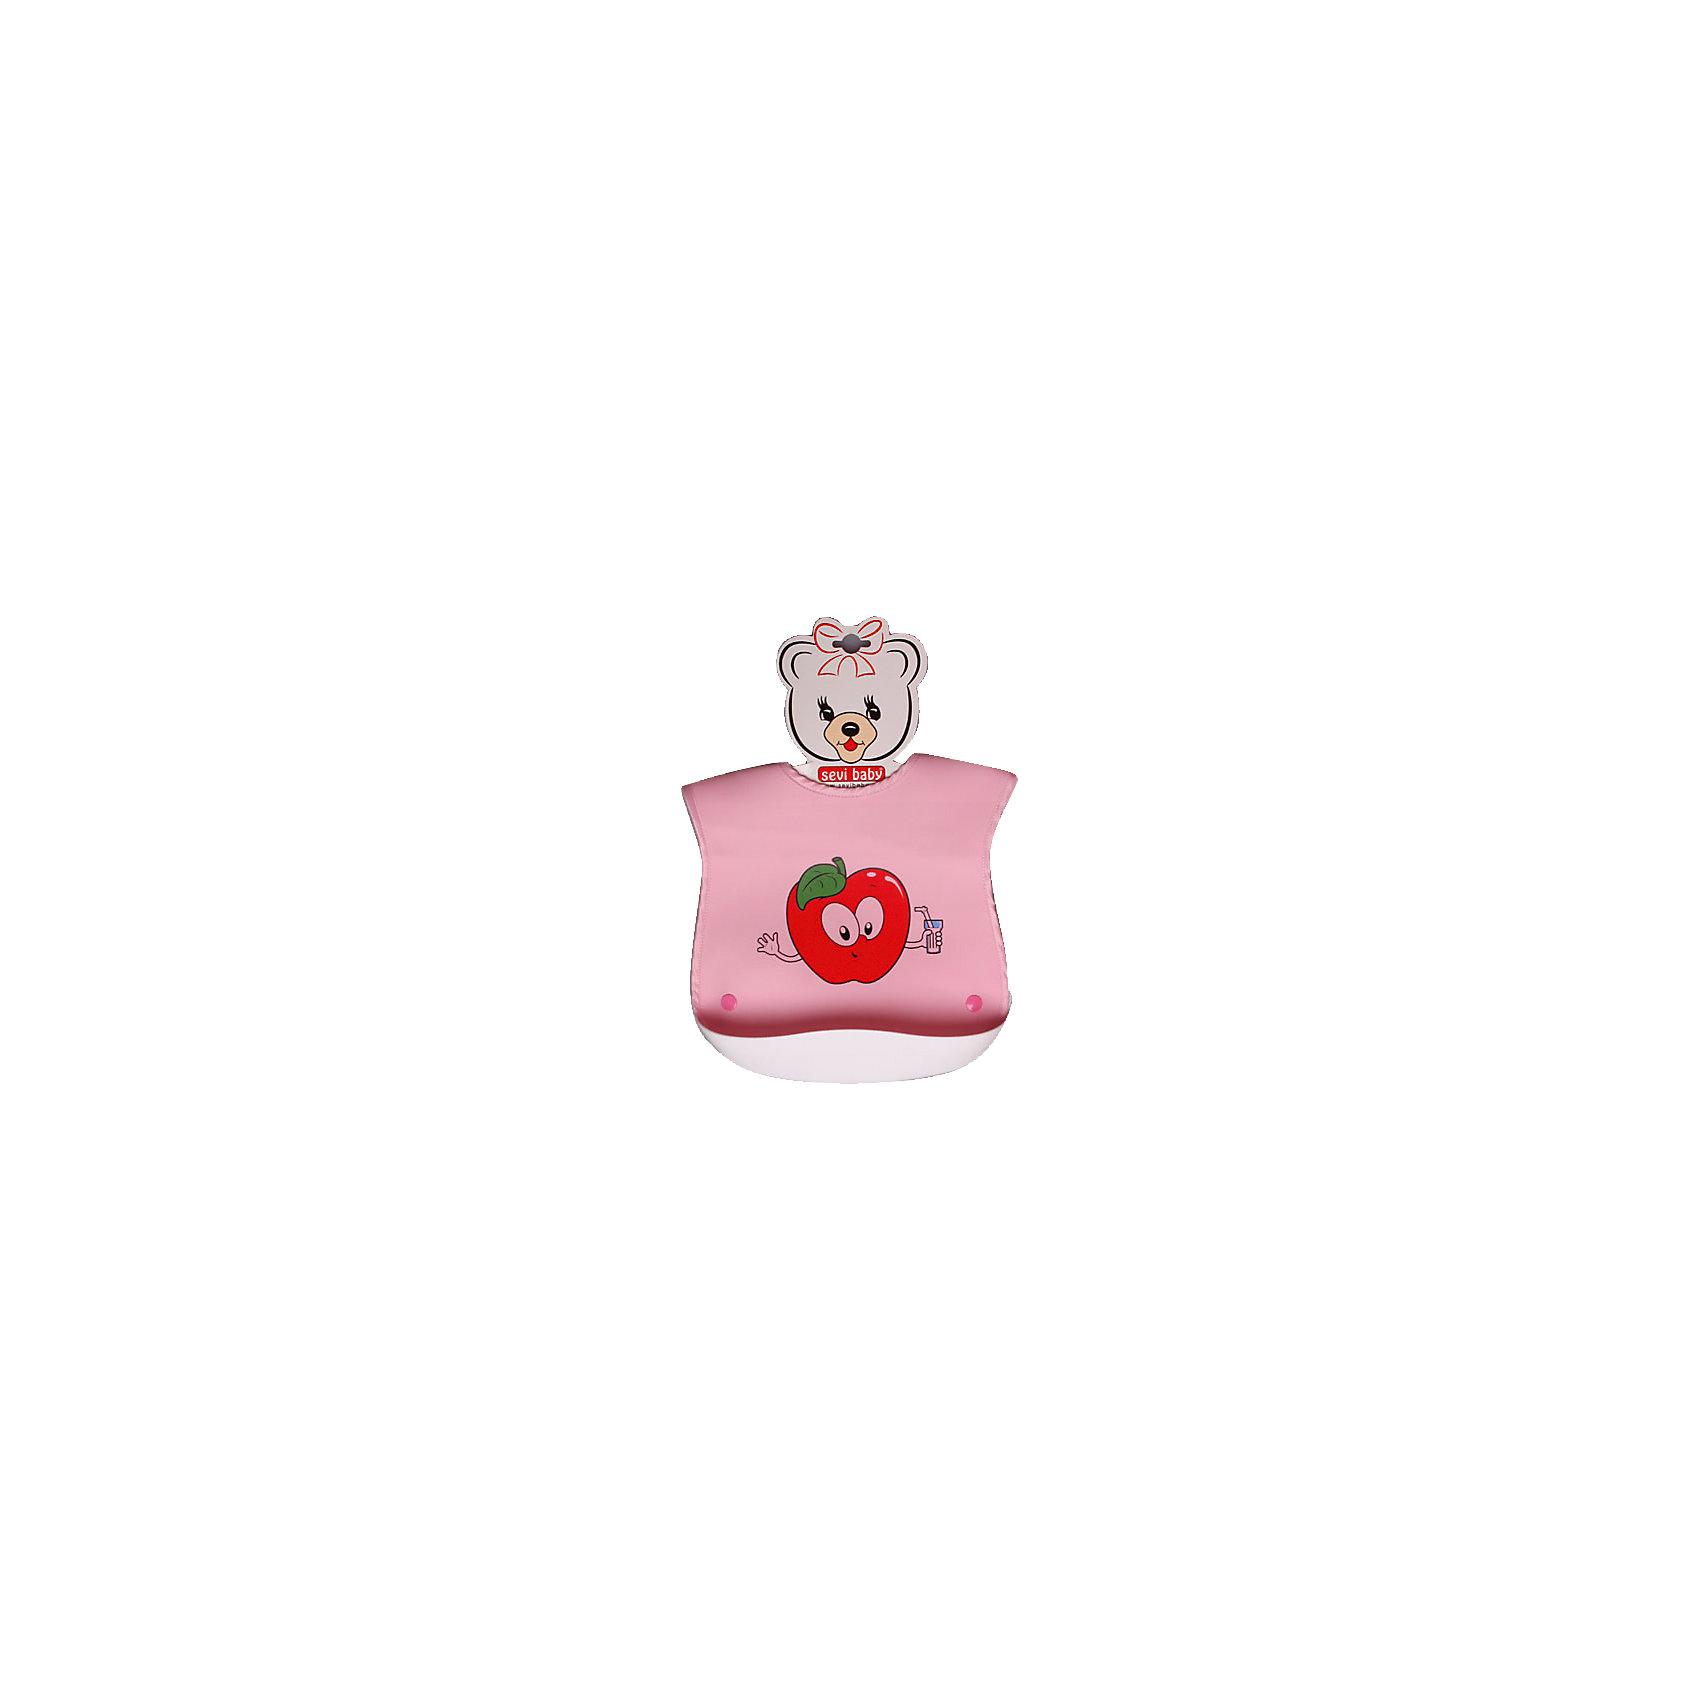 Нагрудник с кармашком прорезиненный Sevi baby, розовый (Sevi Baby)